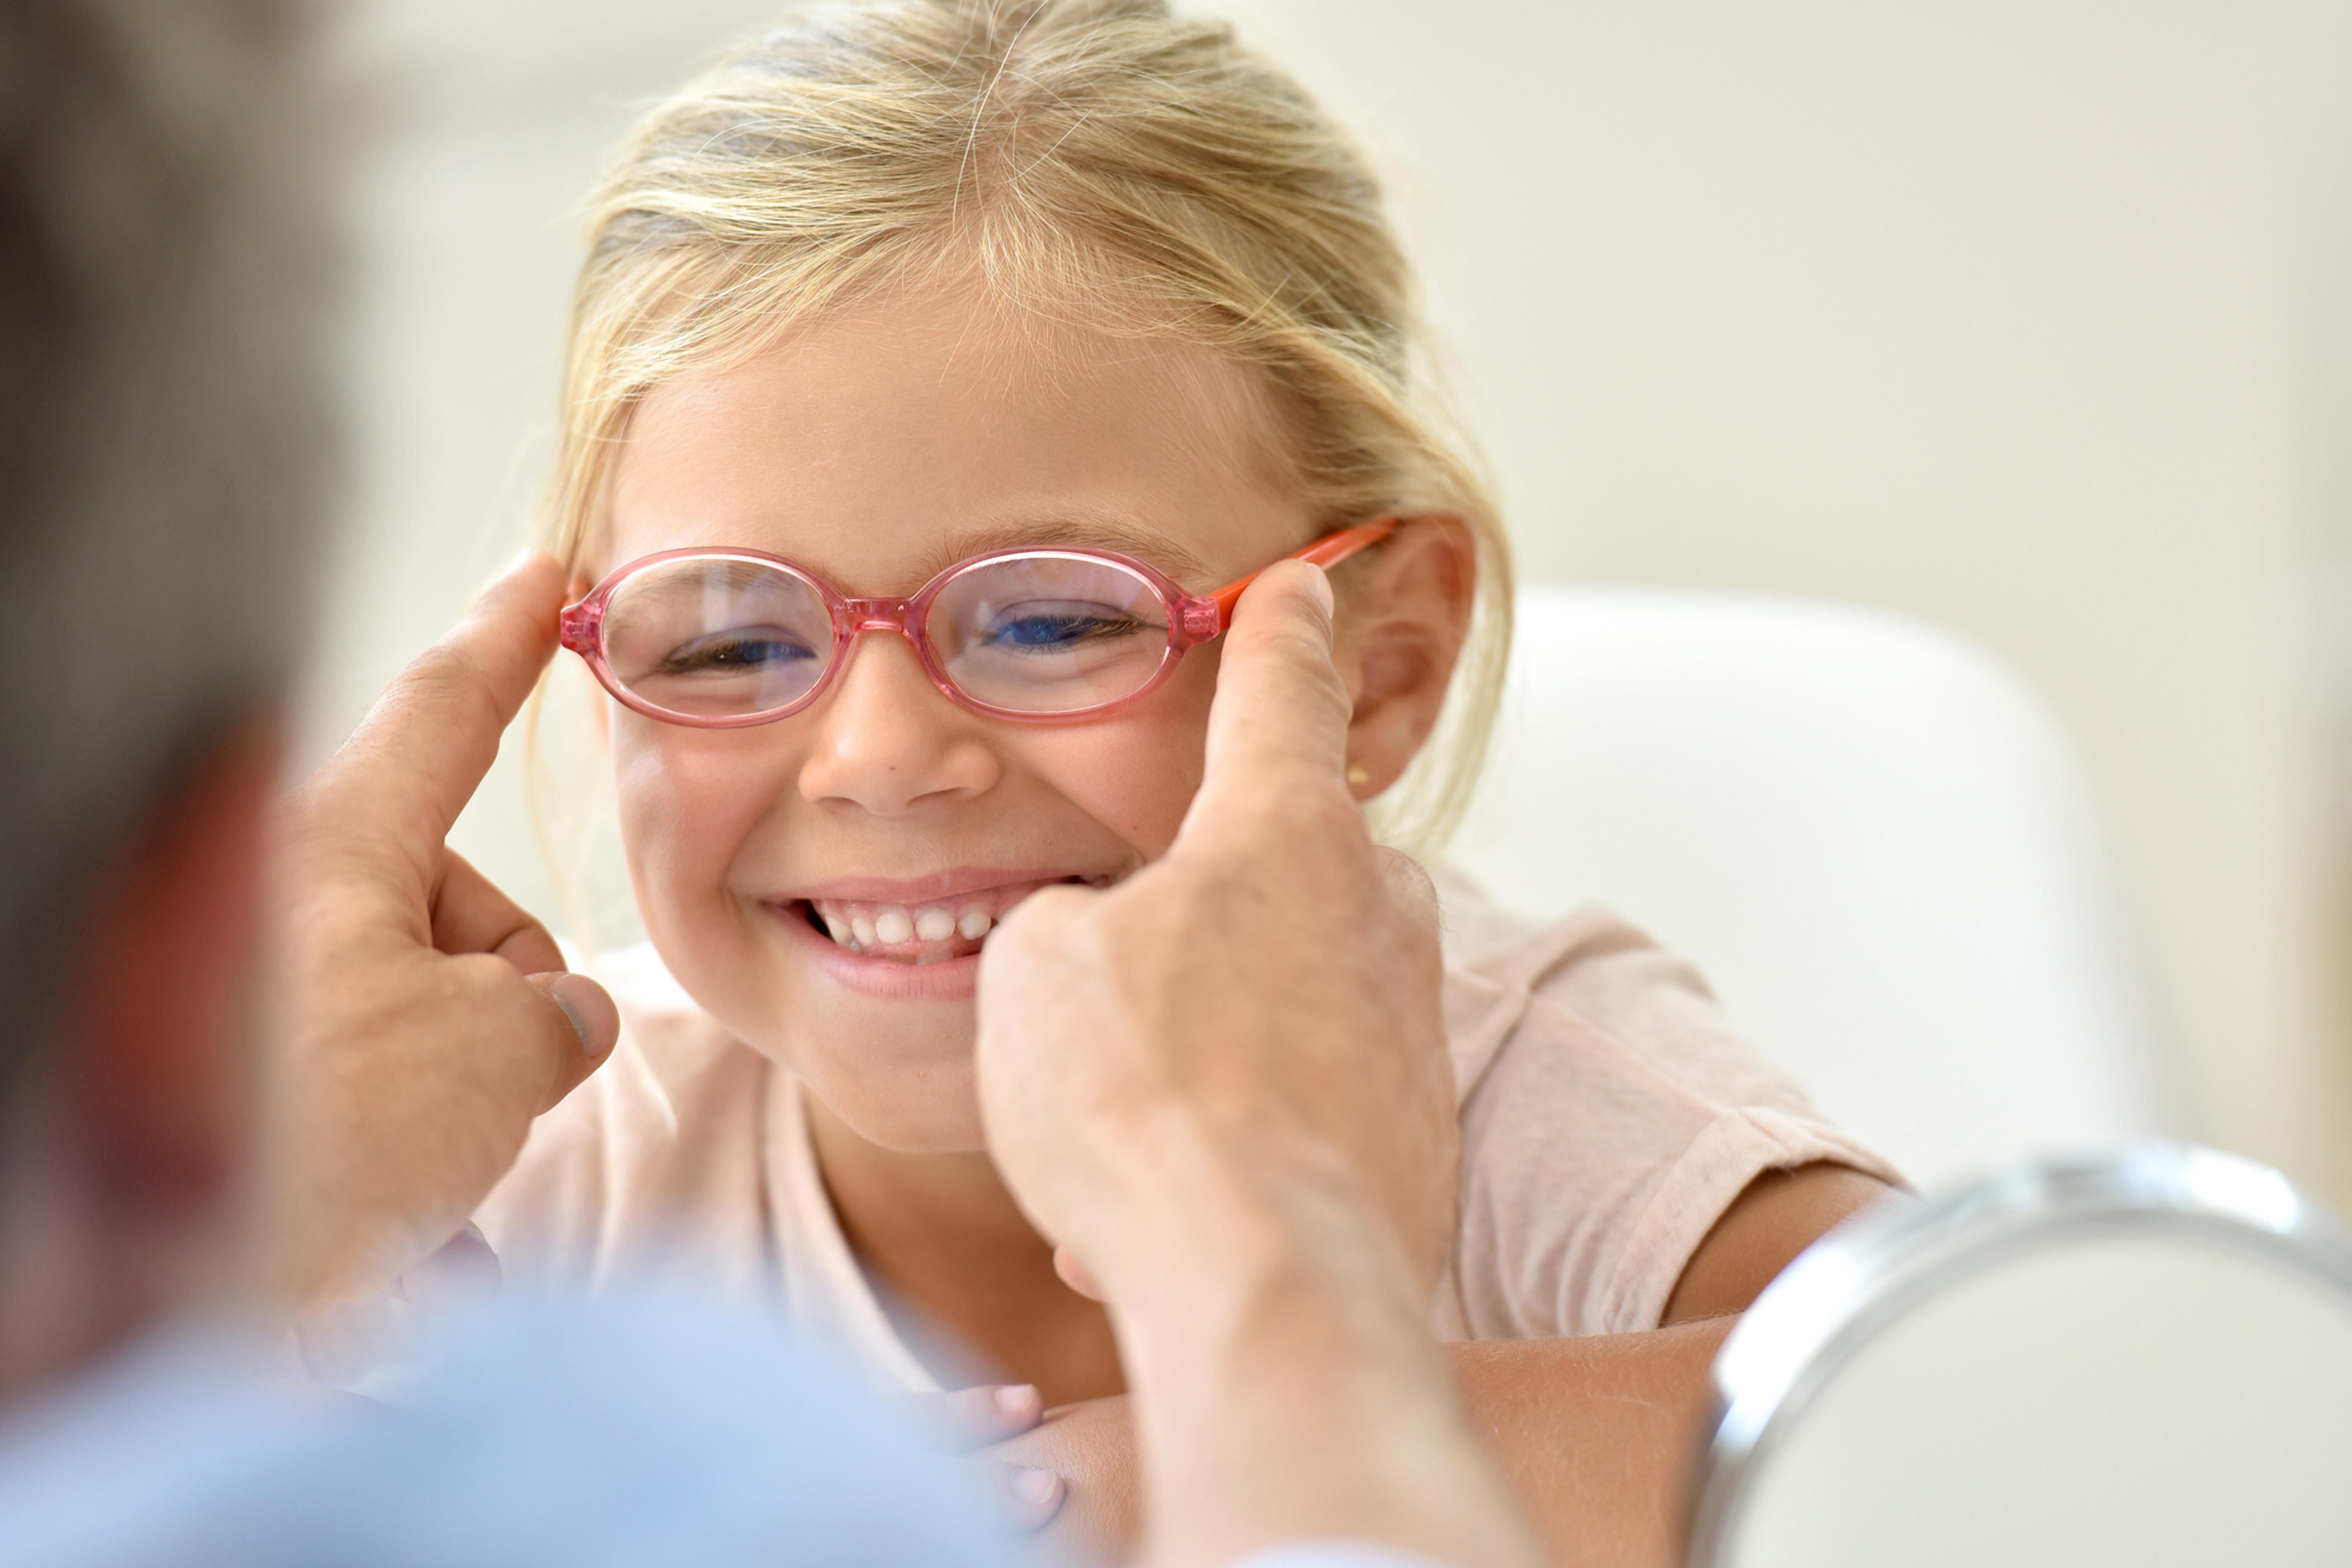 Eyewear adjustment or repair